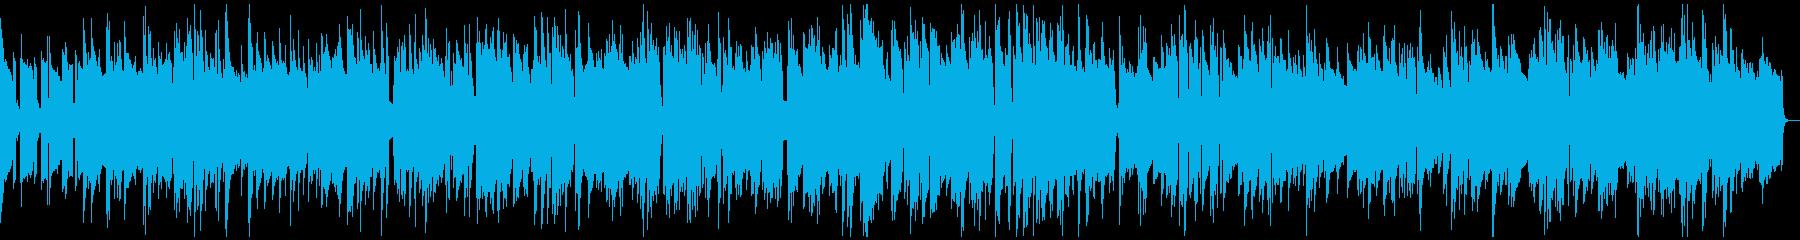 ゆったりとしたピアノジャズバラードの再生済みの波形